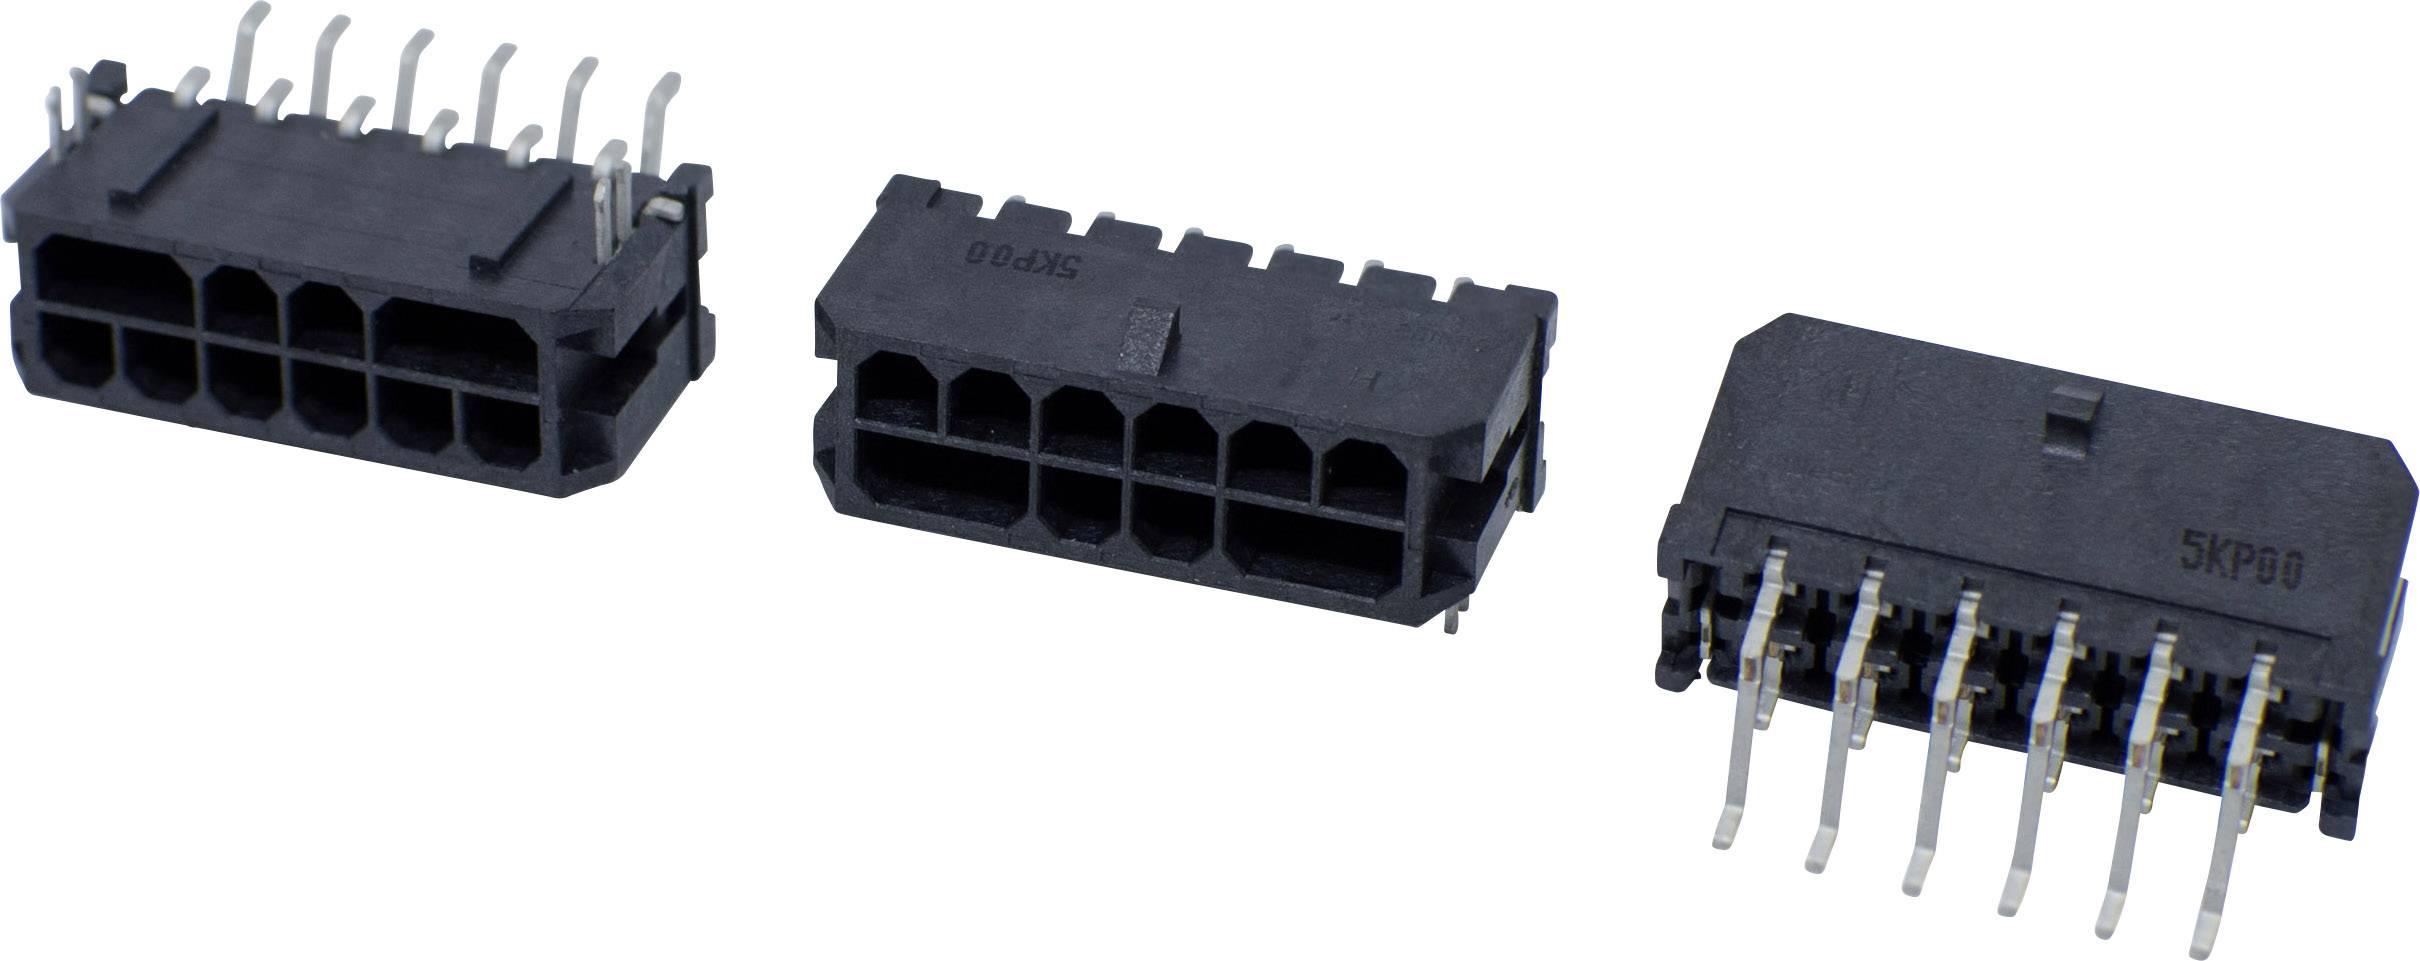 Pinová lišta (štandardná) BellWether 70096-2408, pólů 24, rozteč 3 mm, 1 ks